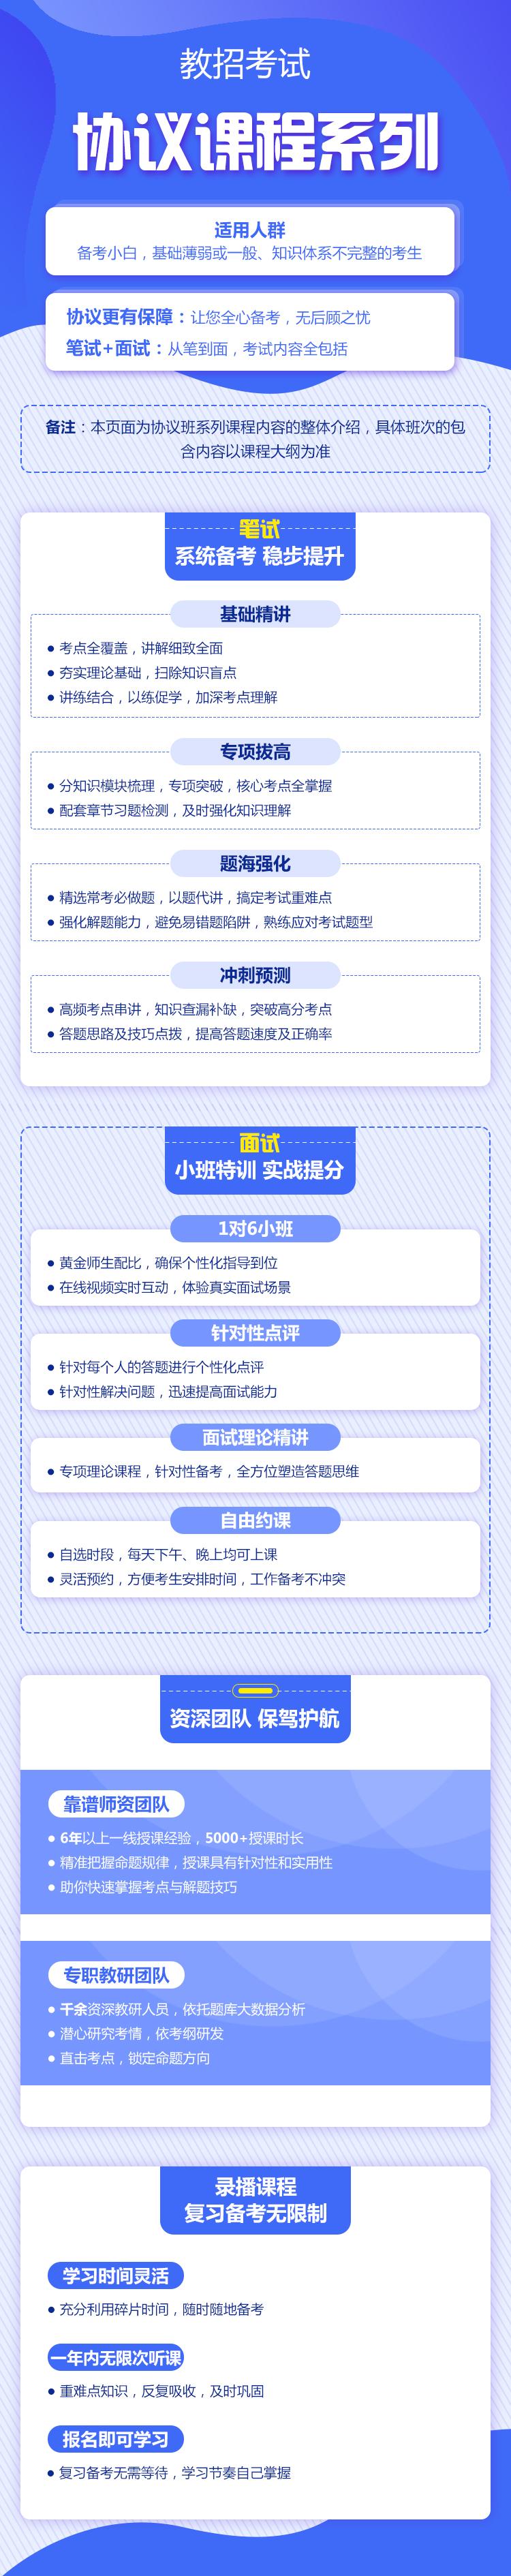 协议课程详情页图片模板.jpg